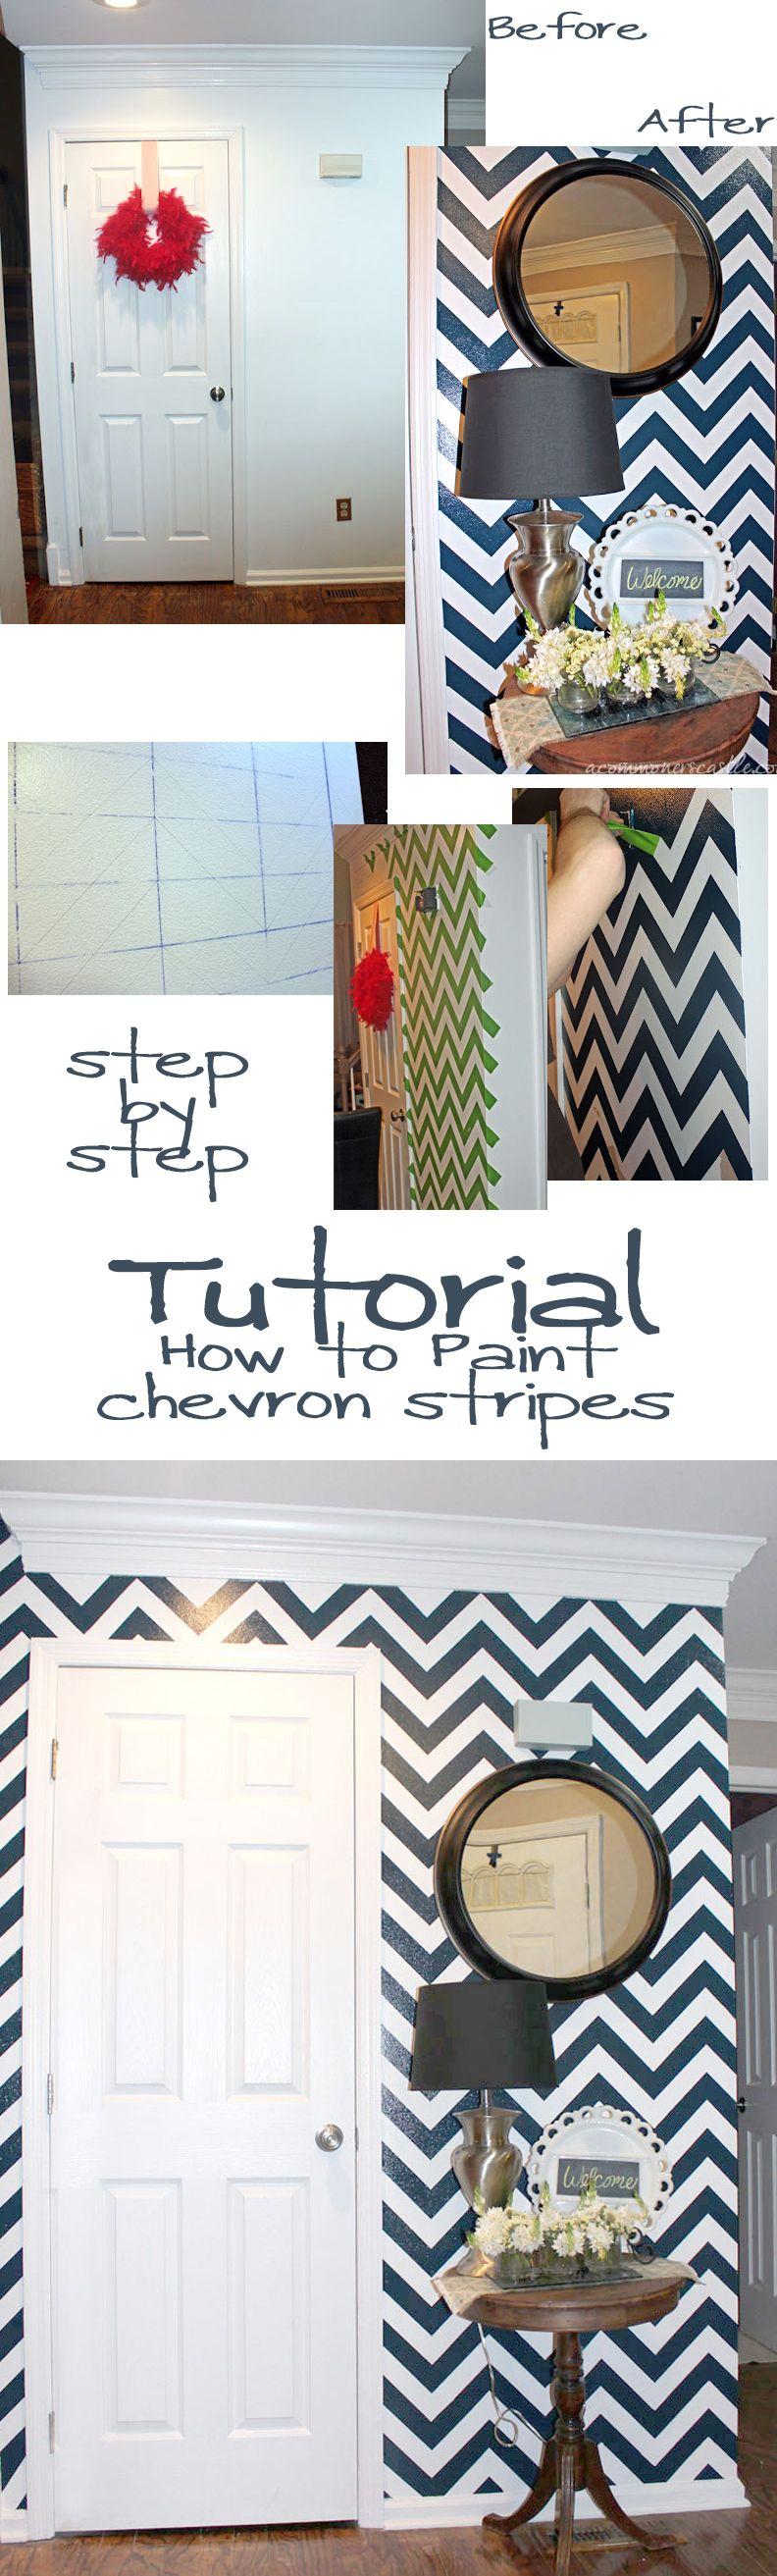 How To Paint Chevron Stripes On A Wall   Hogar, Para el hogar y ...